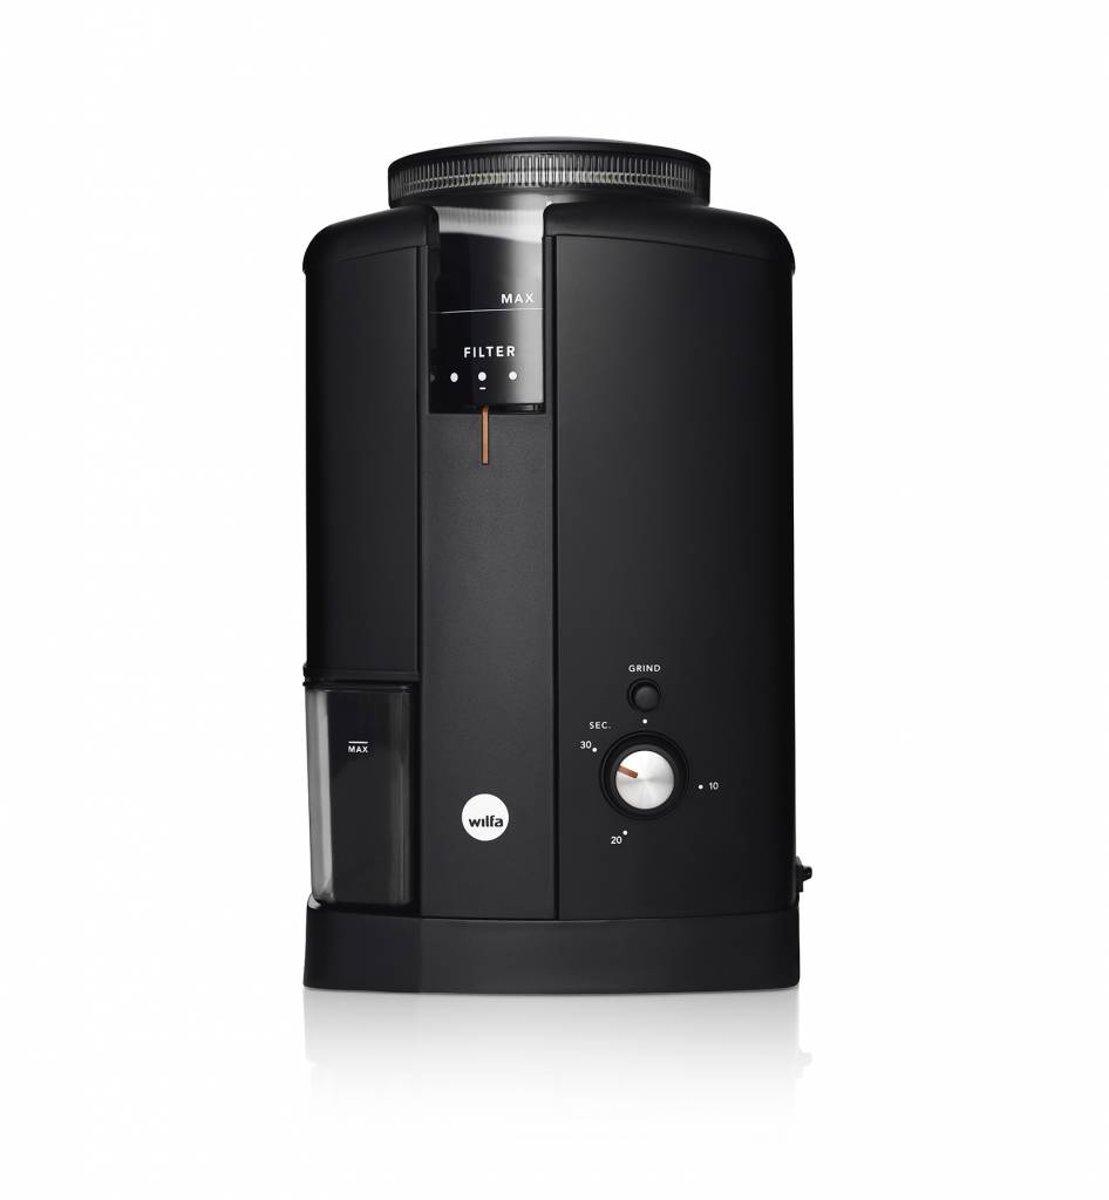 WilfaCGWS-130B Svart Aroma koffiemolen met stille DC motor kopen